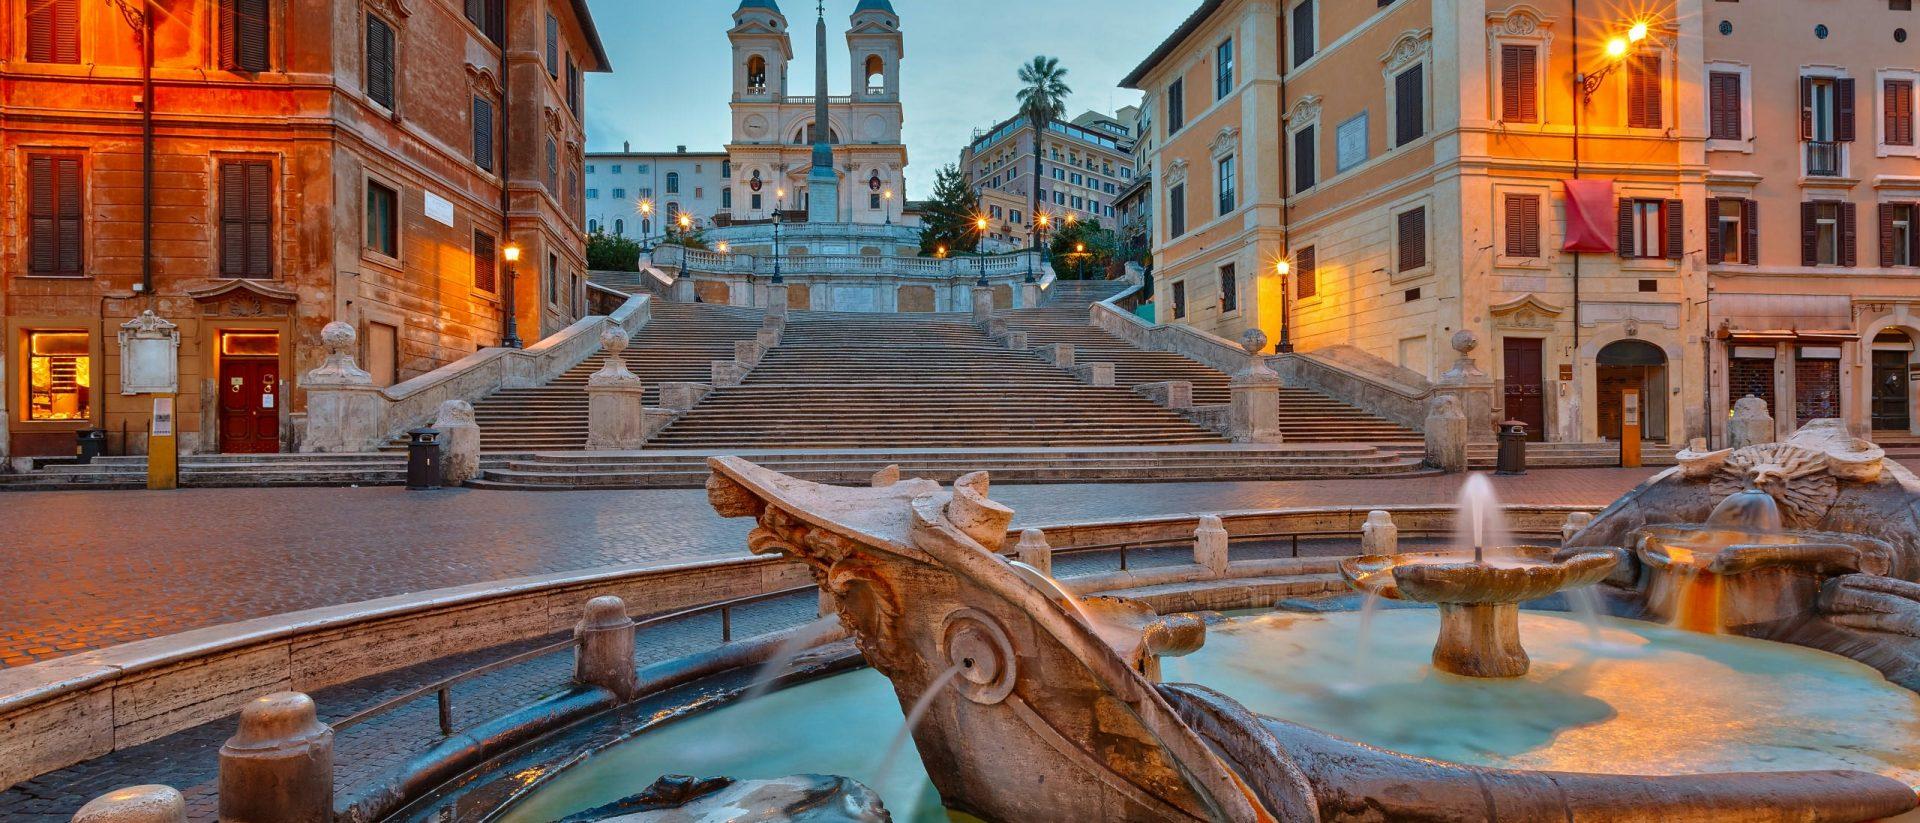 Camera di lusso a Roma in Piazza di Spagna